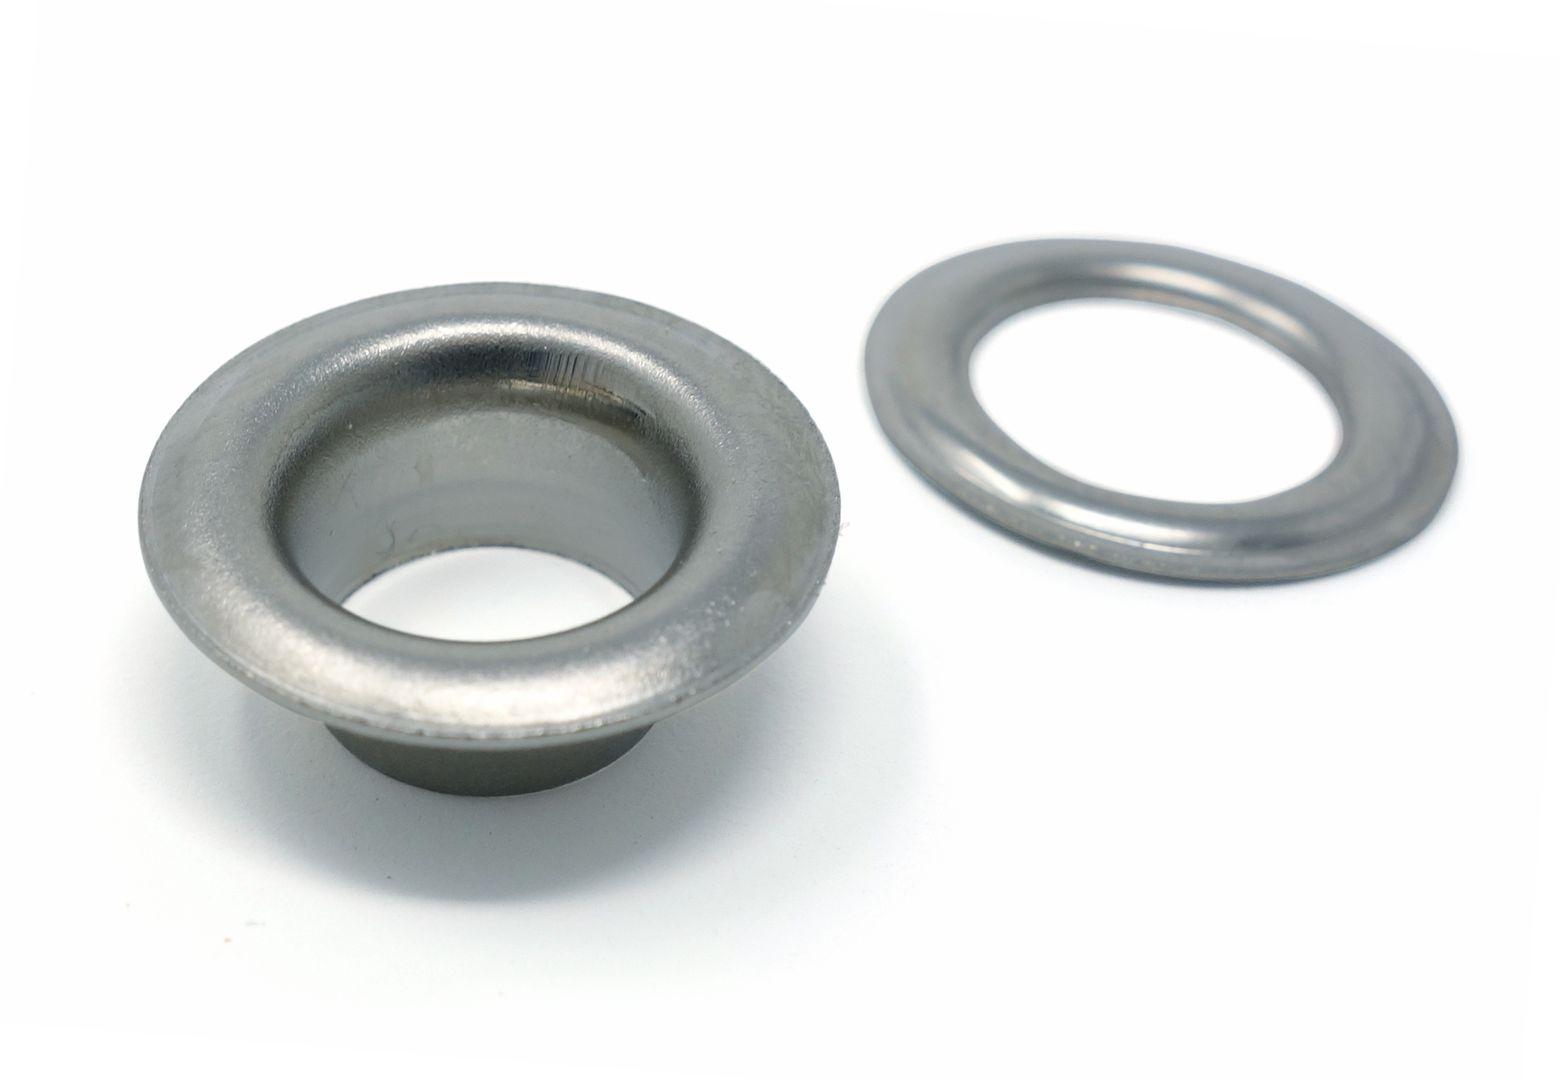 100 x 4,4 mm selbstlochende Ösen mit Scheibe (rostfrei) für Ösenpressen und Einschlagwerkzeuge – Bild 4